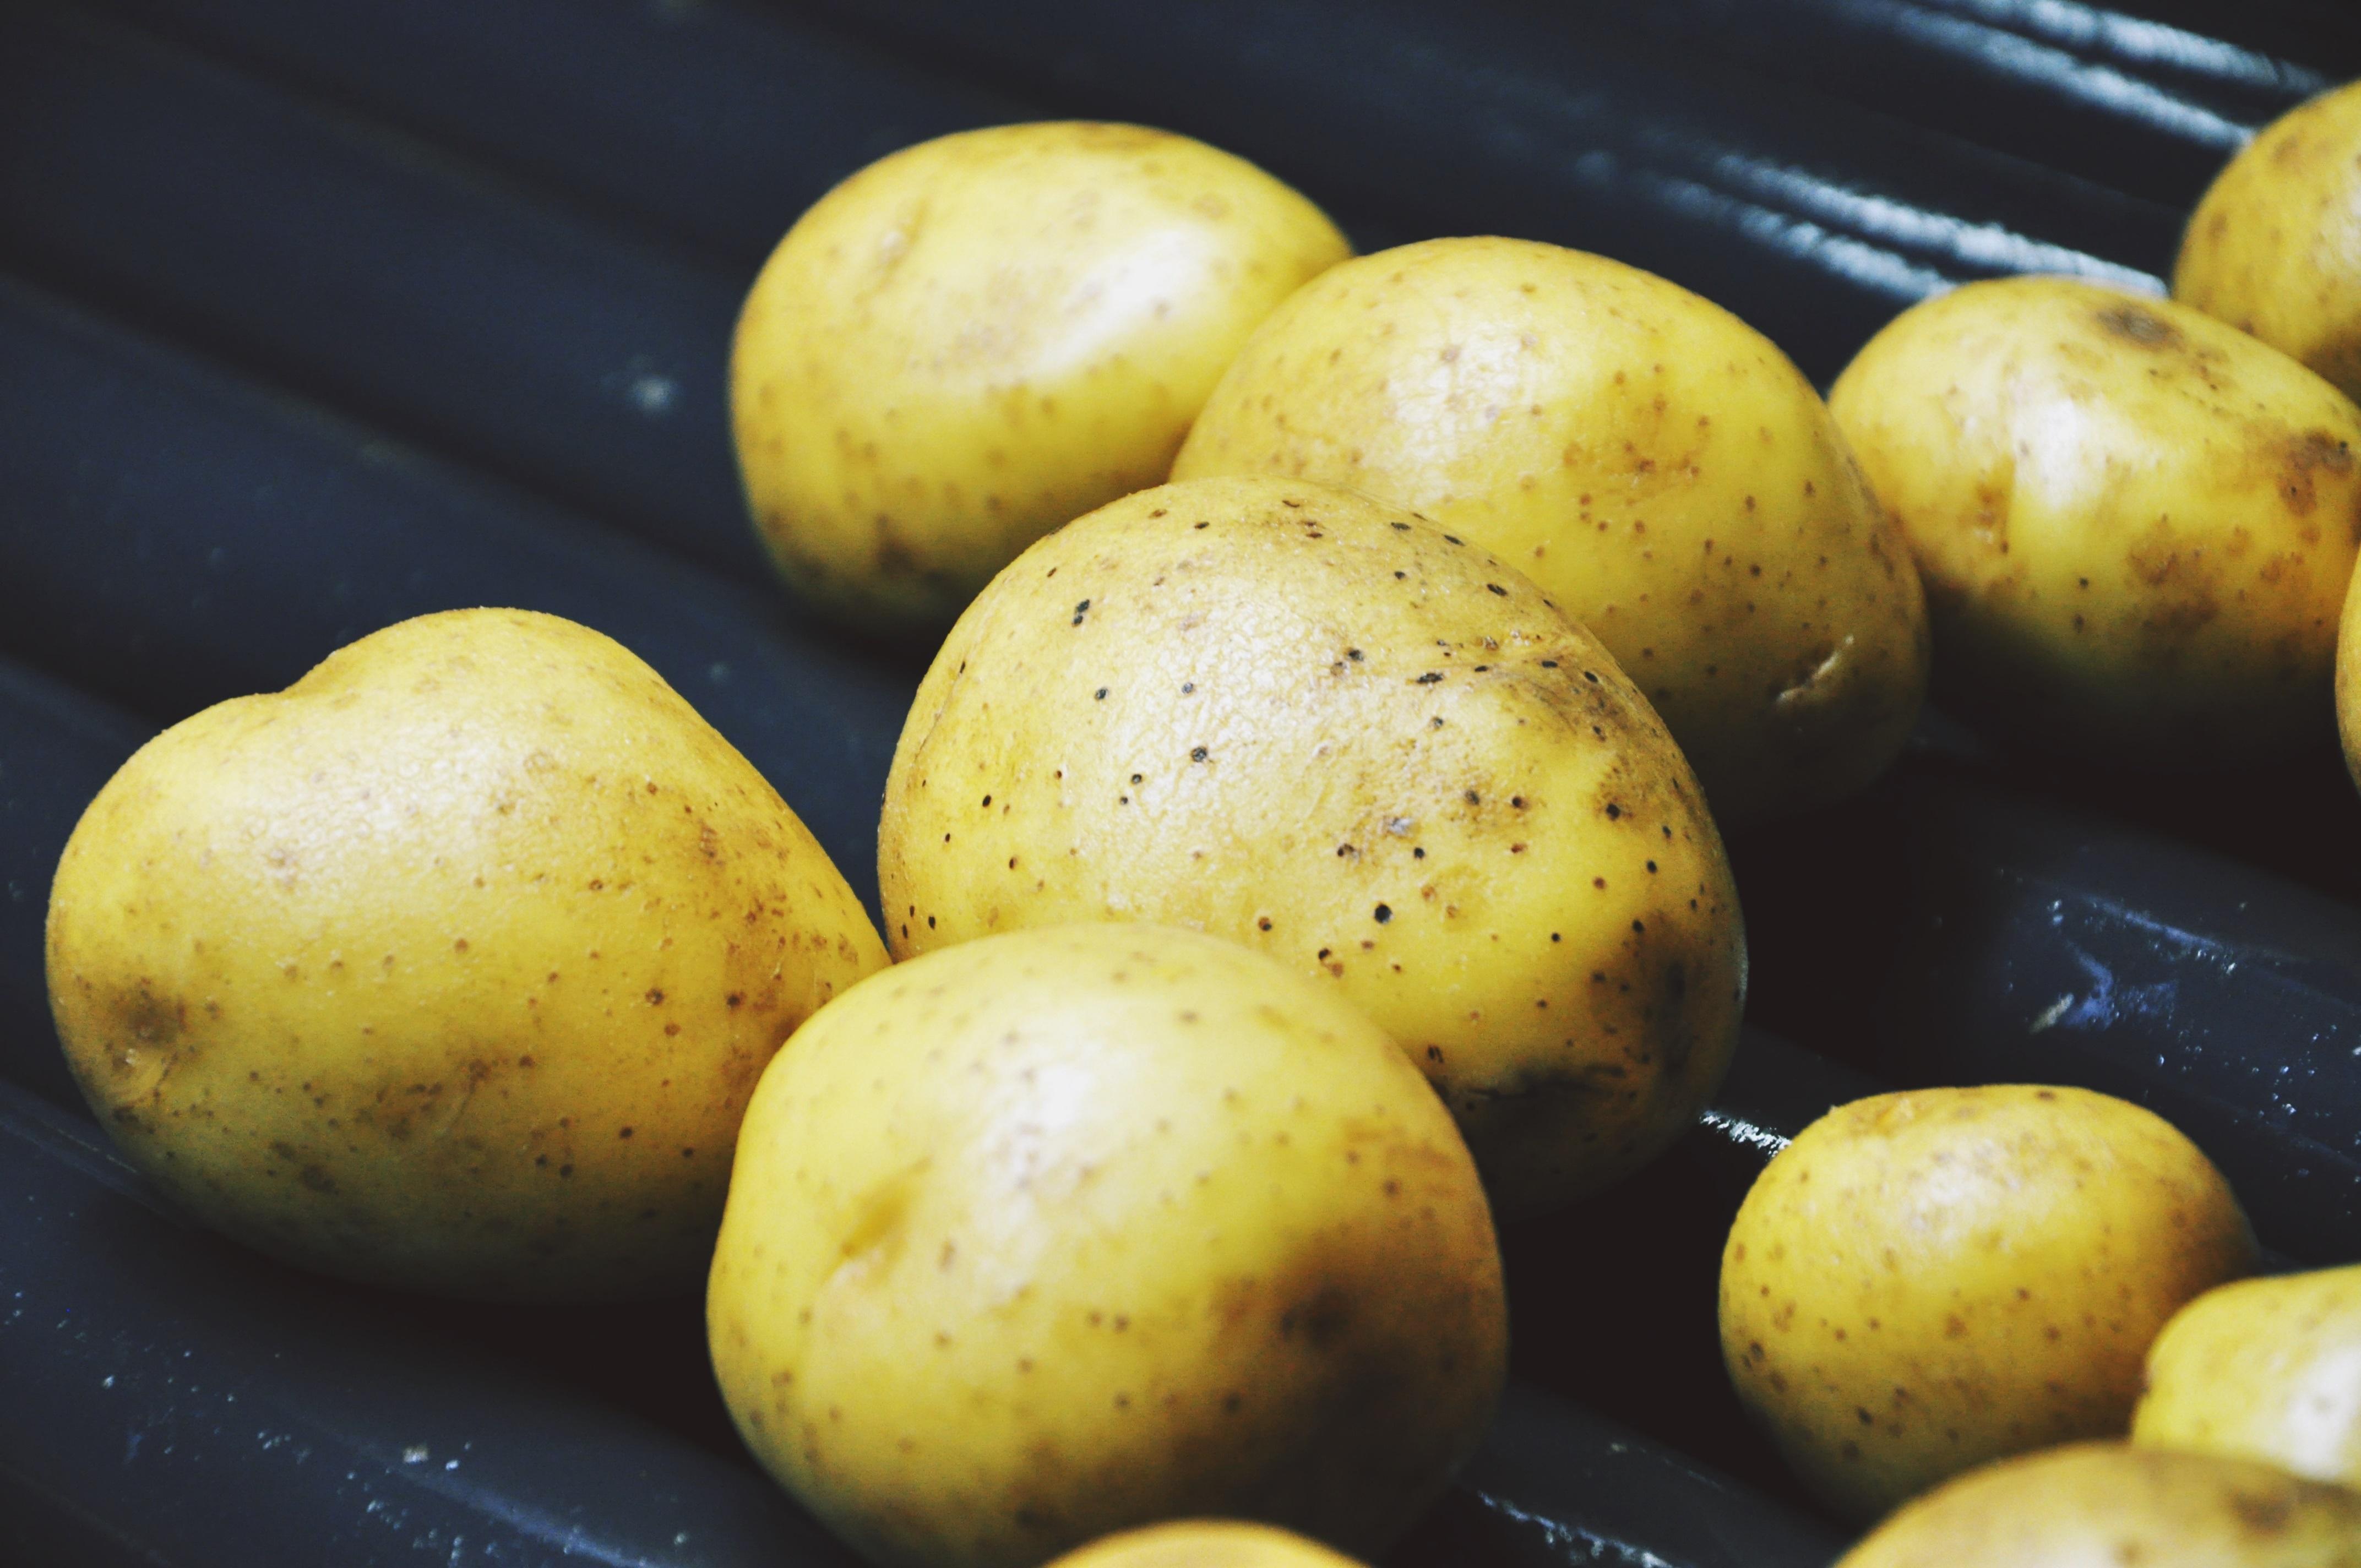 Kartoffel Bilder Kostenlos kostenlose foto frucht lebensmittel produzieren gemüse waschen